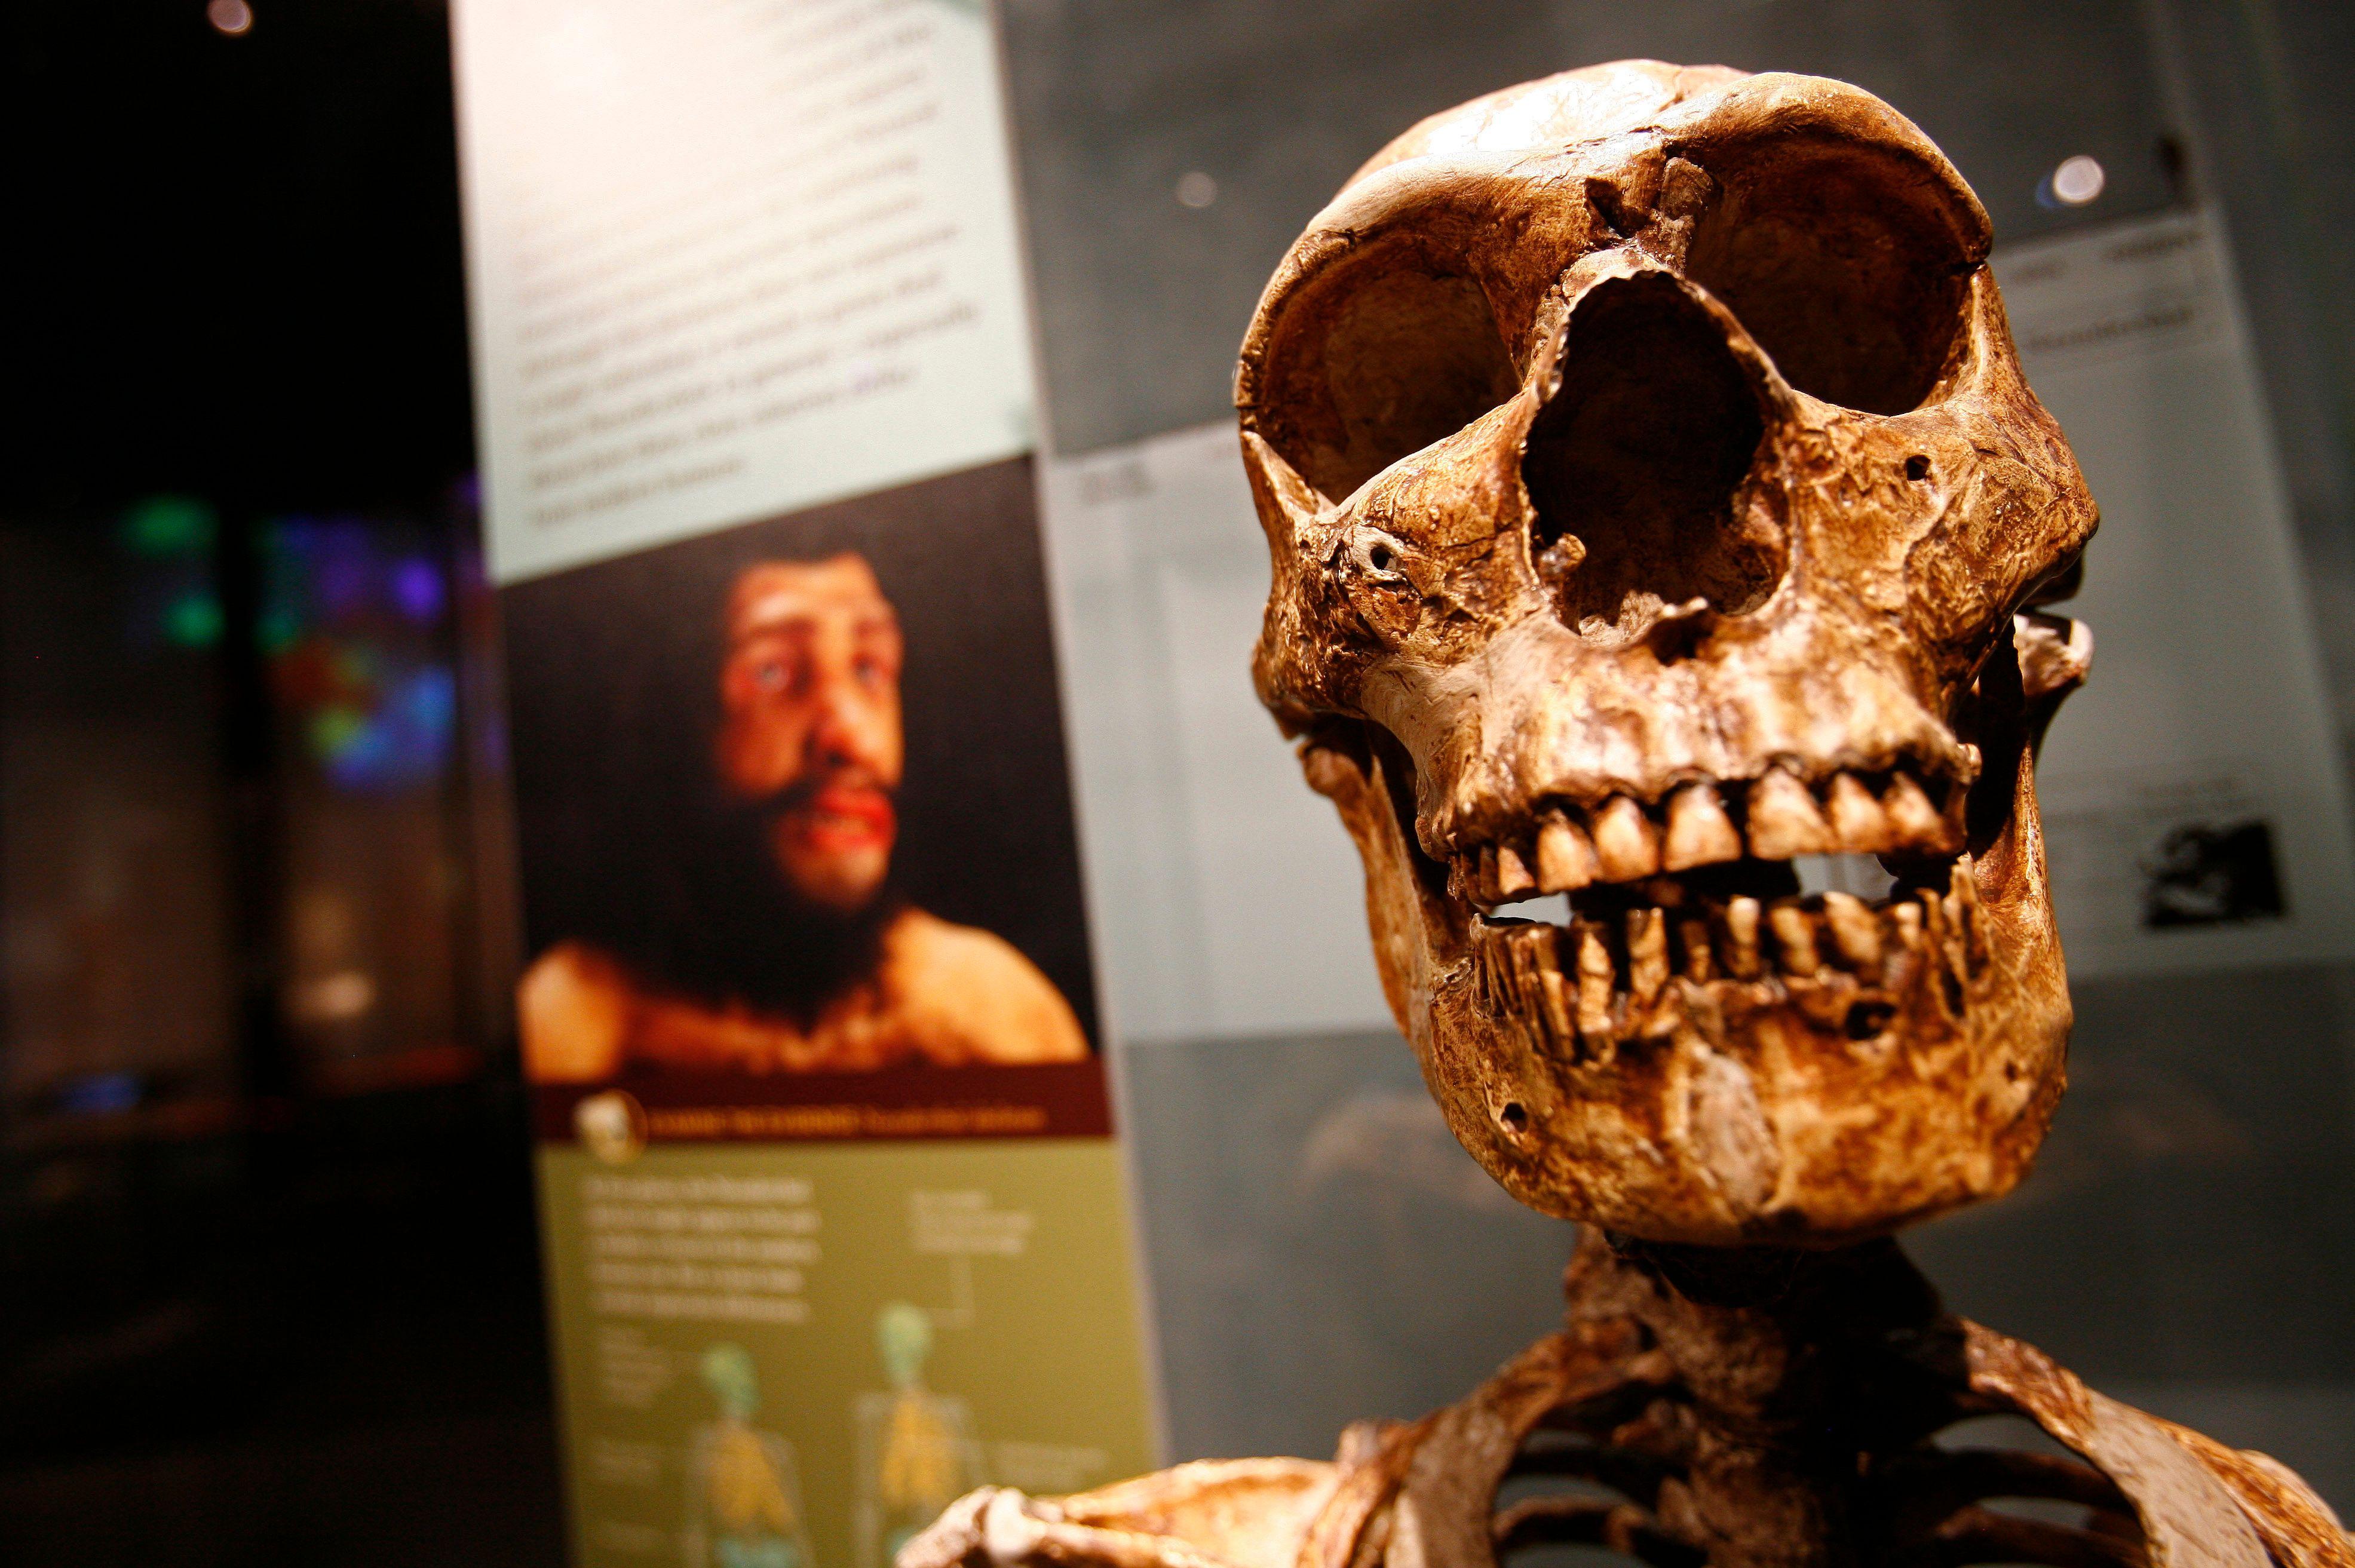 Maroc : une découverte capitale repousse de 100 000 ans l'âge des premiers Homo sapiens